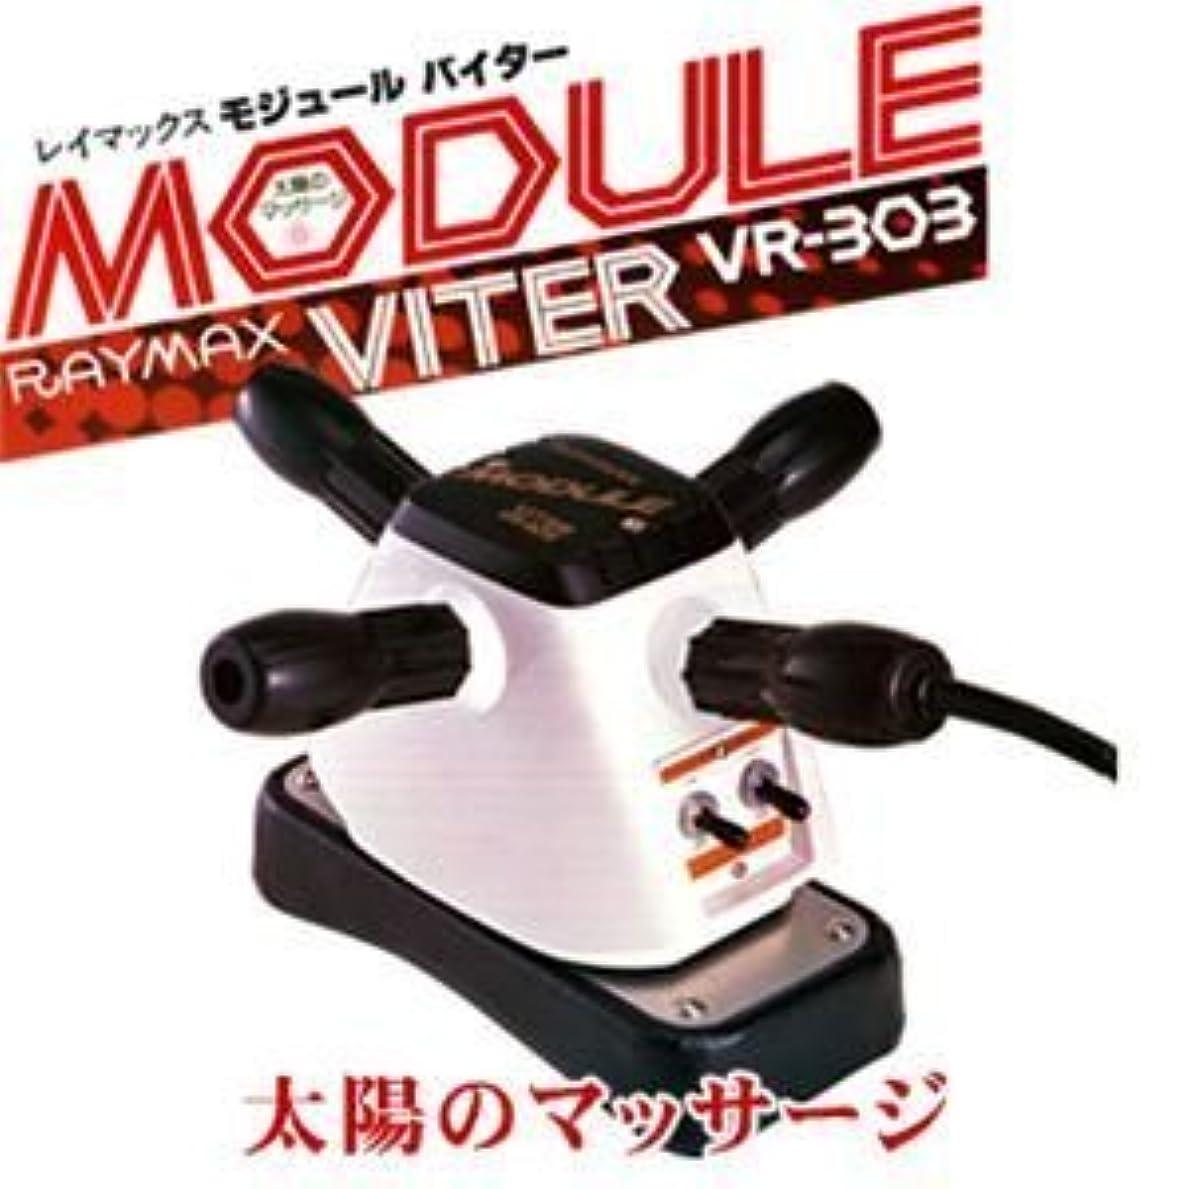 無心天みぞれRAYMAX(レイマックス) モジュールバイター VR-303